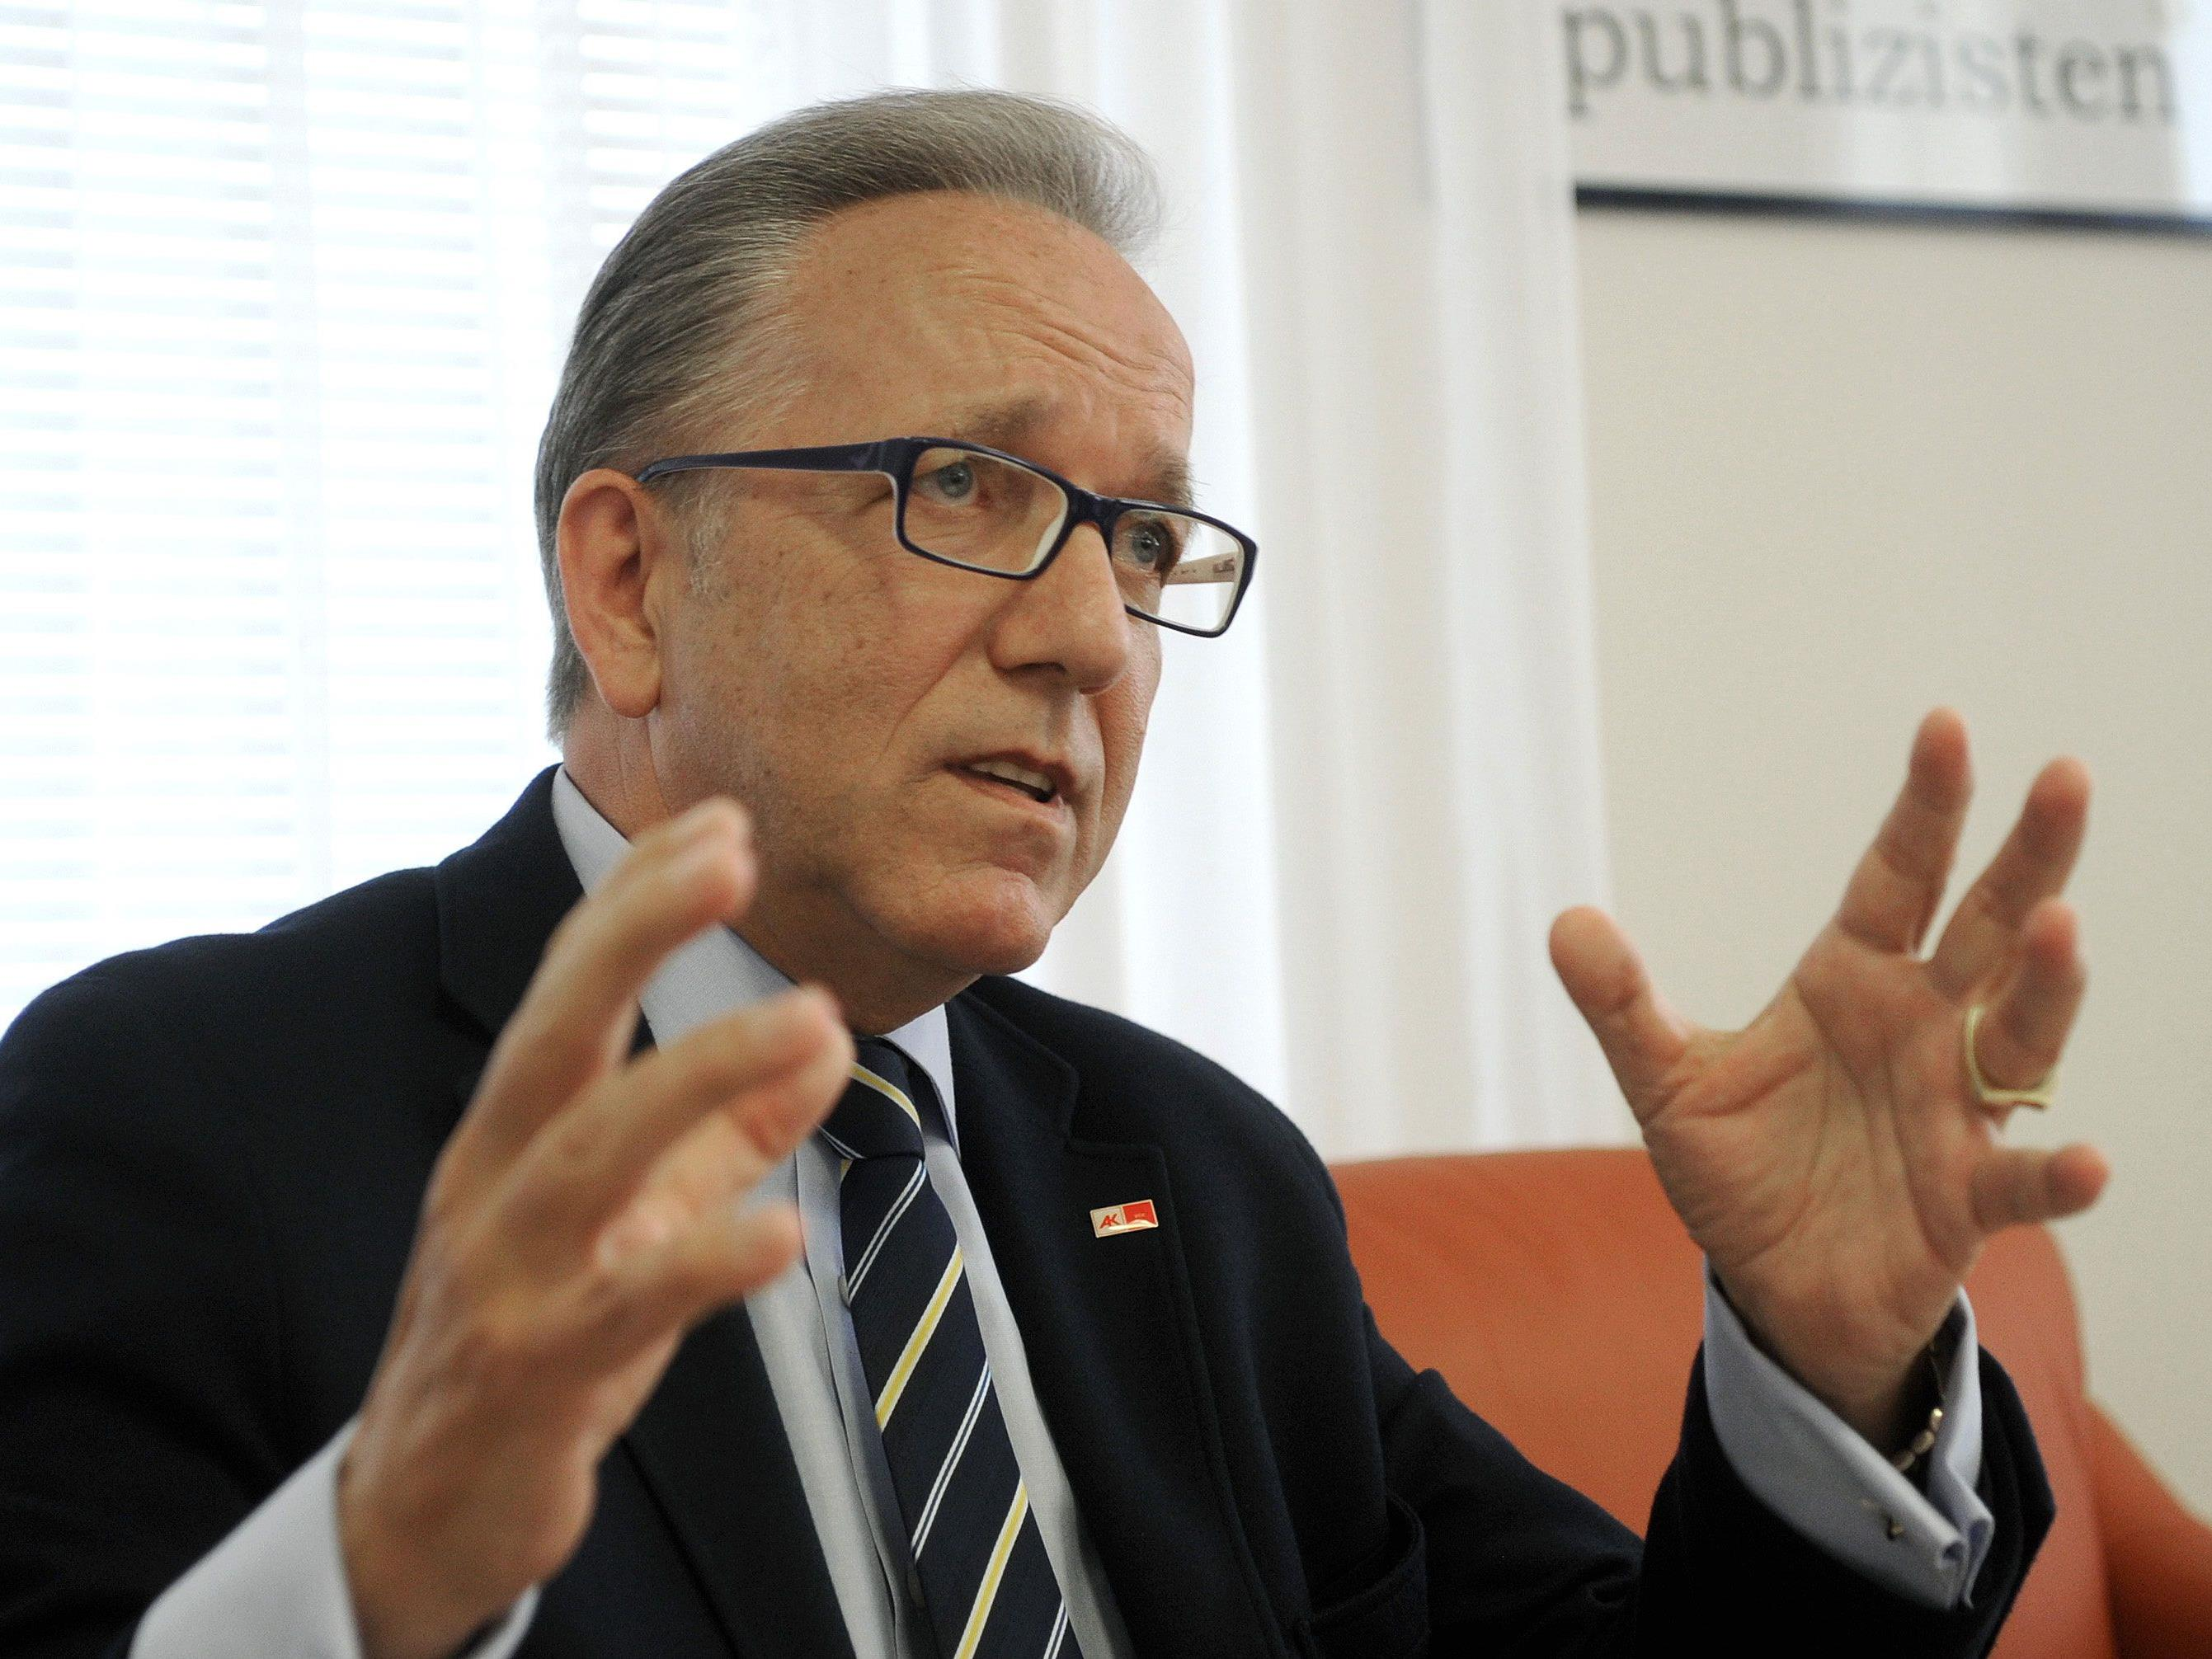 AK-Präsident Rudolf Kaske sprach bei einer Pressekonferenz über den Lobautunnel